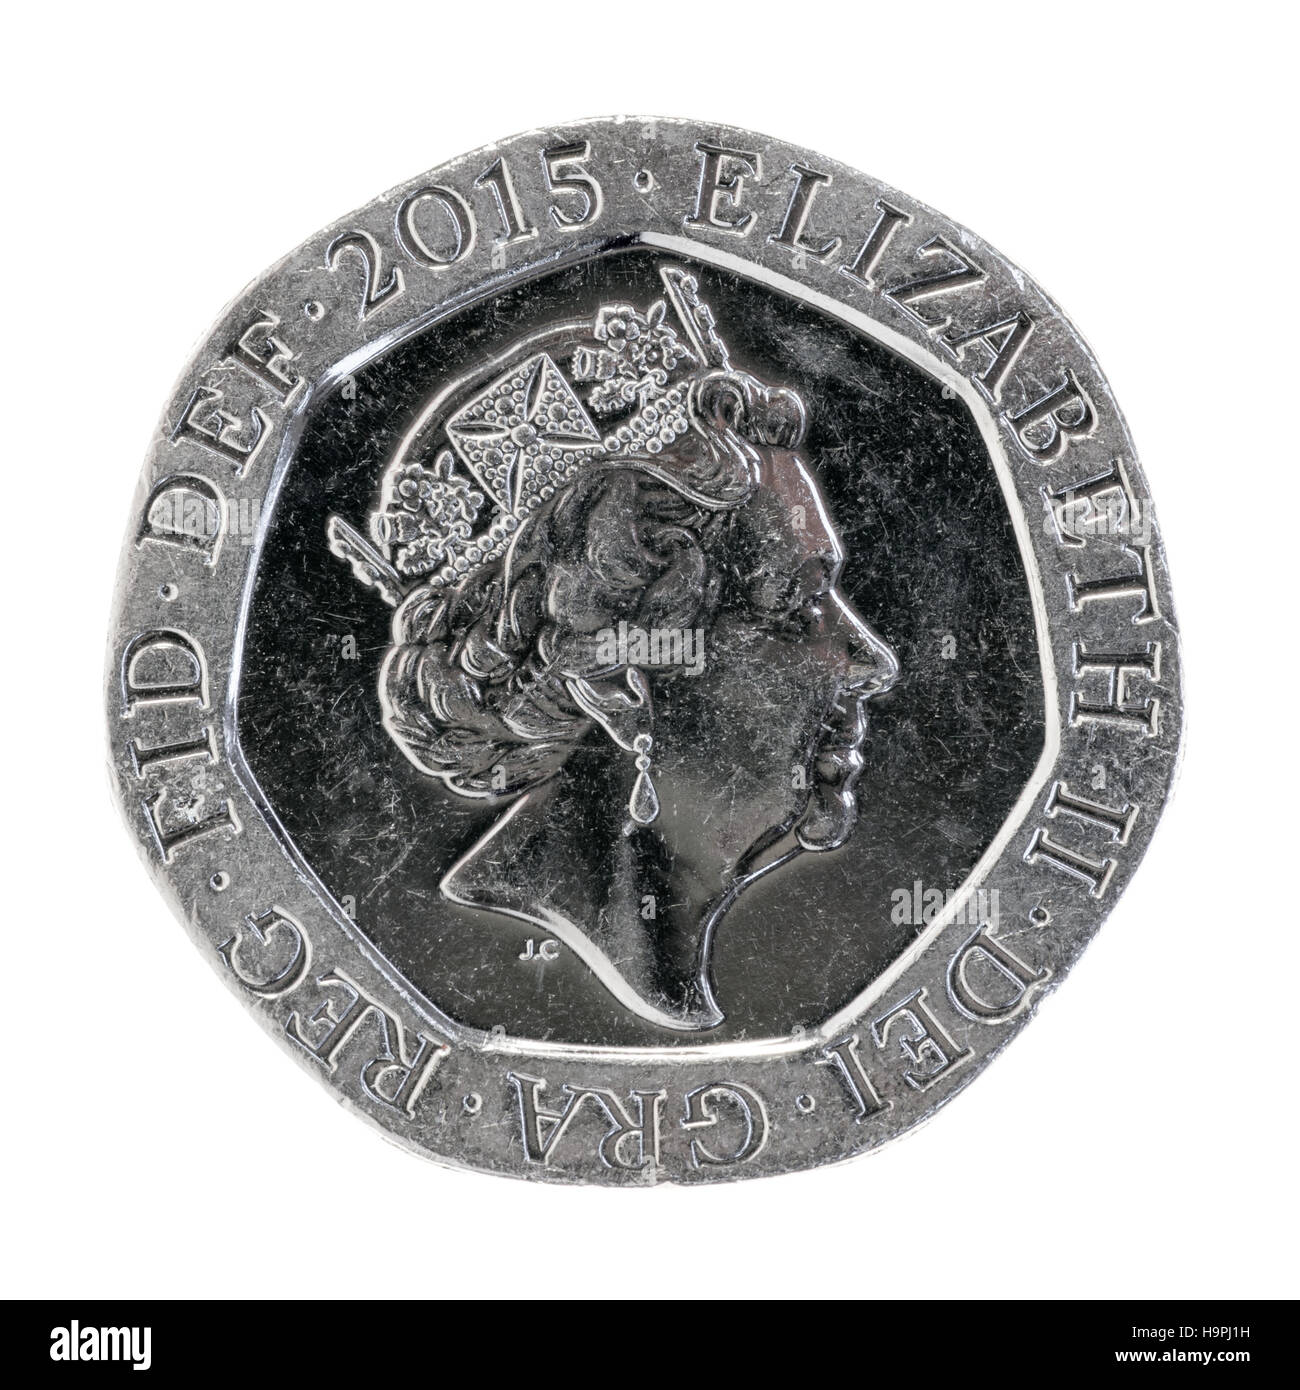 2008 Neues Design Für Die Britische Münzen 20 Cent Stück Stockfoto